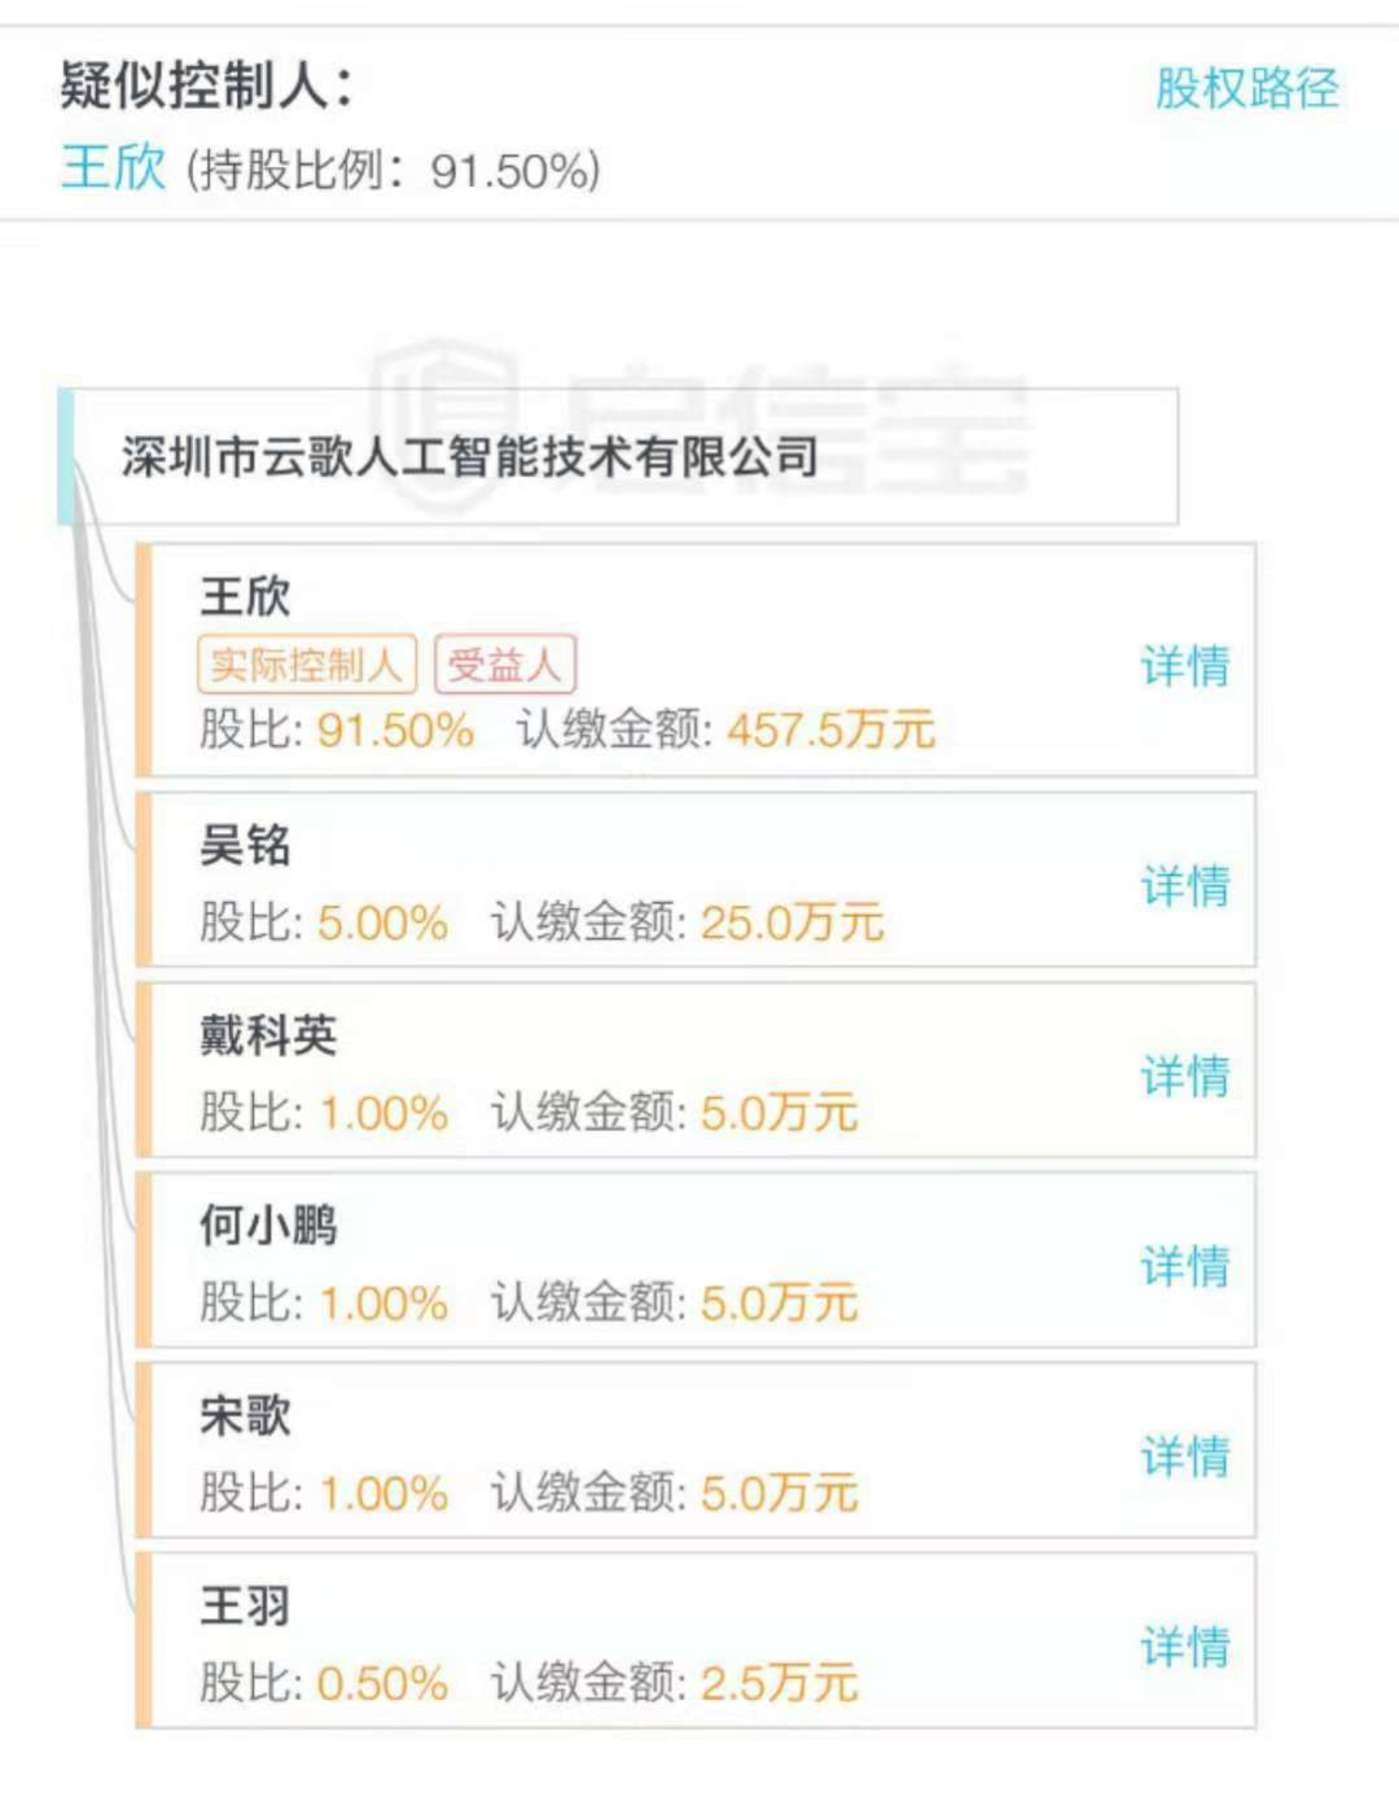 """王欣新成立公司的股权架构/图片来源""""某企业信息查询平台"""""""